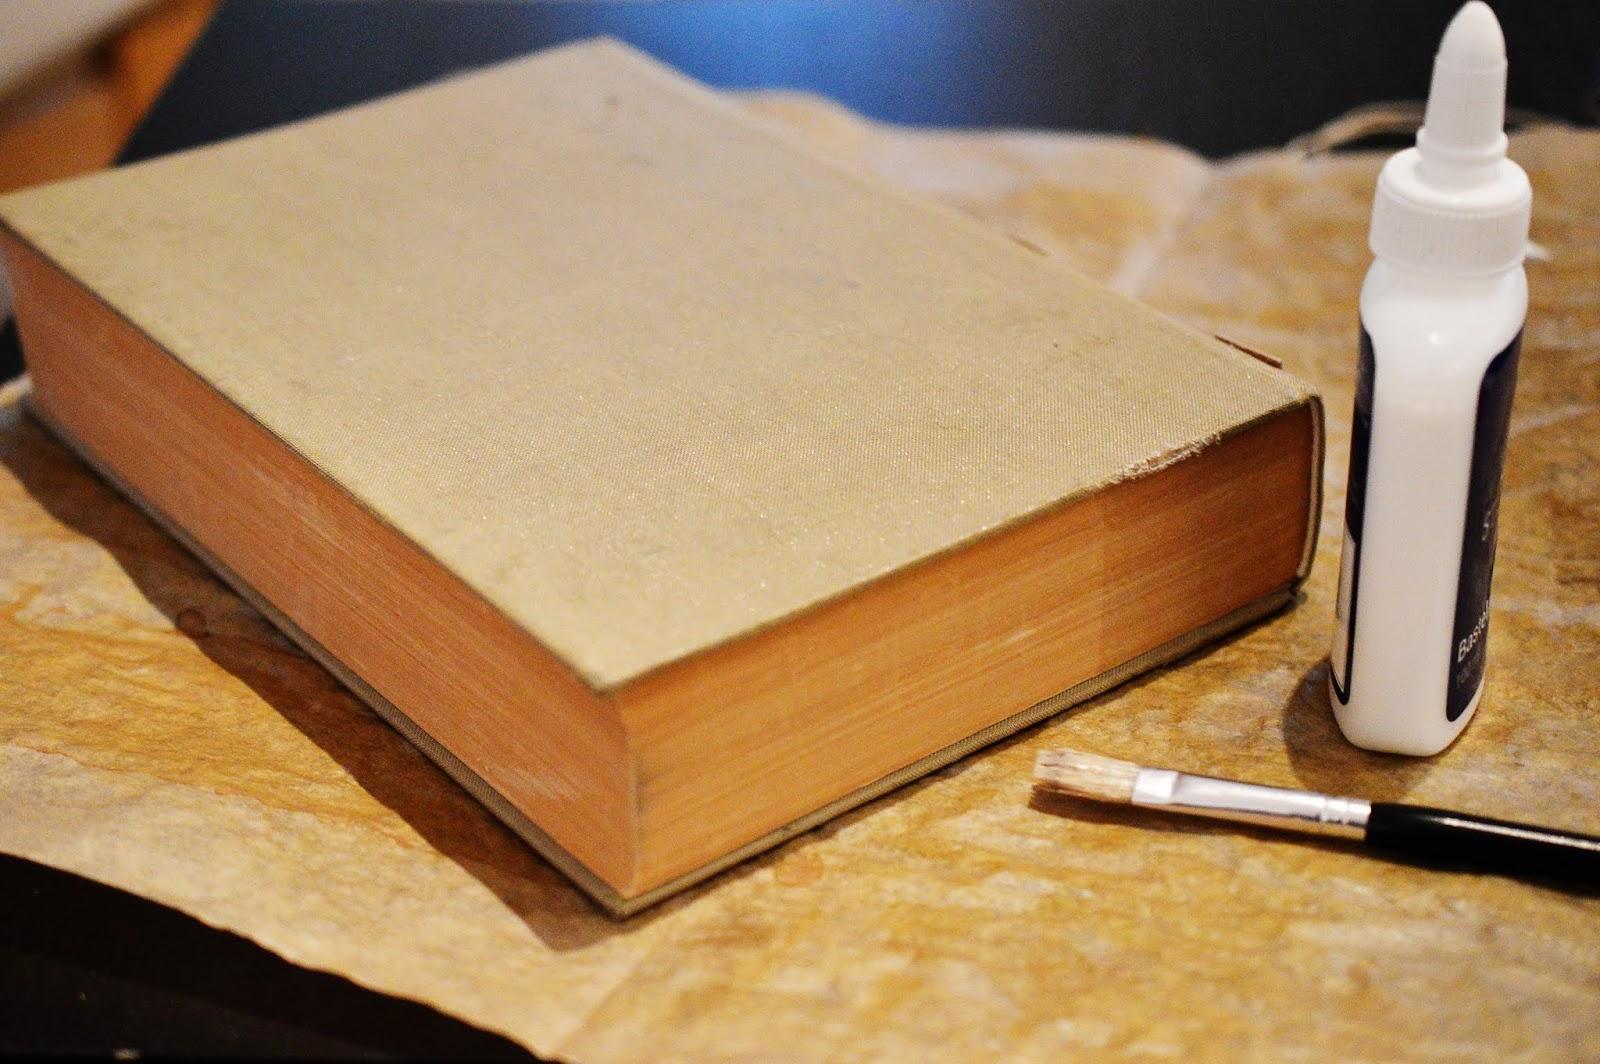 supplies for a diy papier-maché spell book